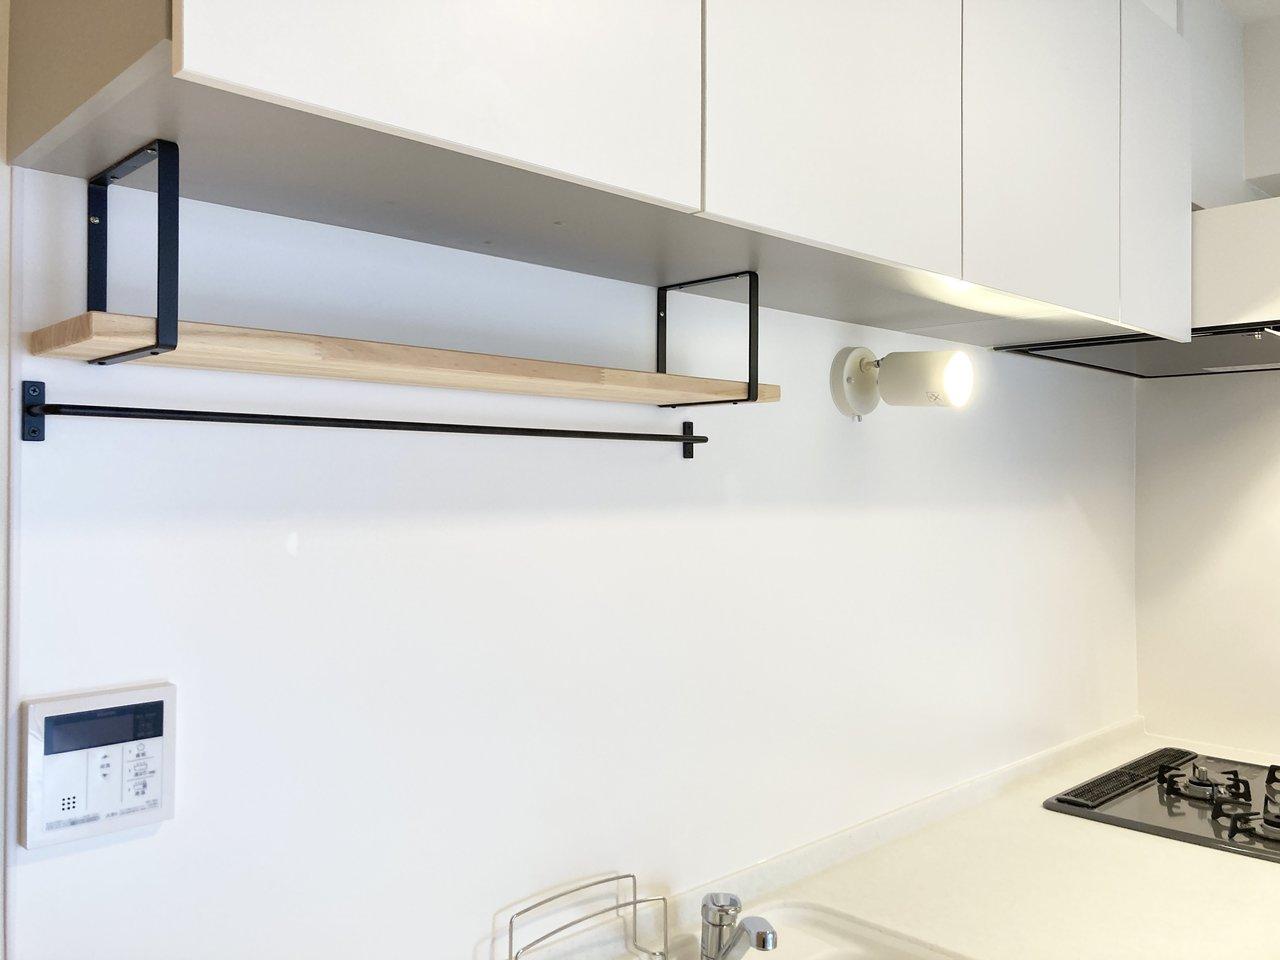 「下げる収納」を楽しむなら、ハンガーバーのついているキッチンがおすすめ。goodroomオリジナルリノベーション賃貸「TOMOS(トモス)」のお部屋では、標準仕様でおしゃれなアイアンバーがついてきます。(このお部屋はこちら)